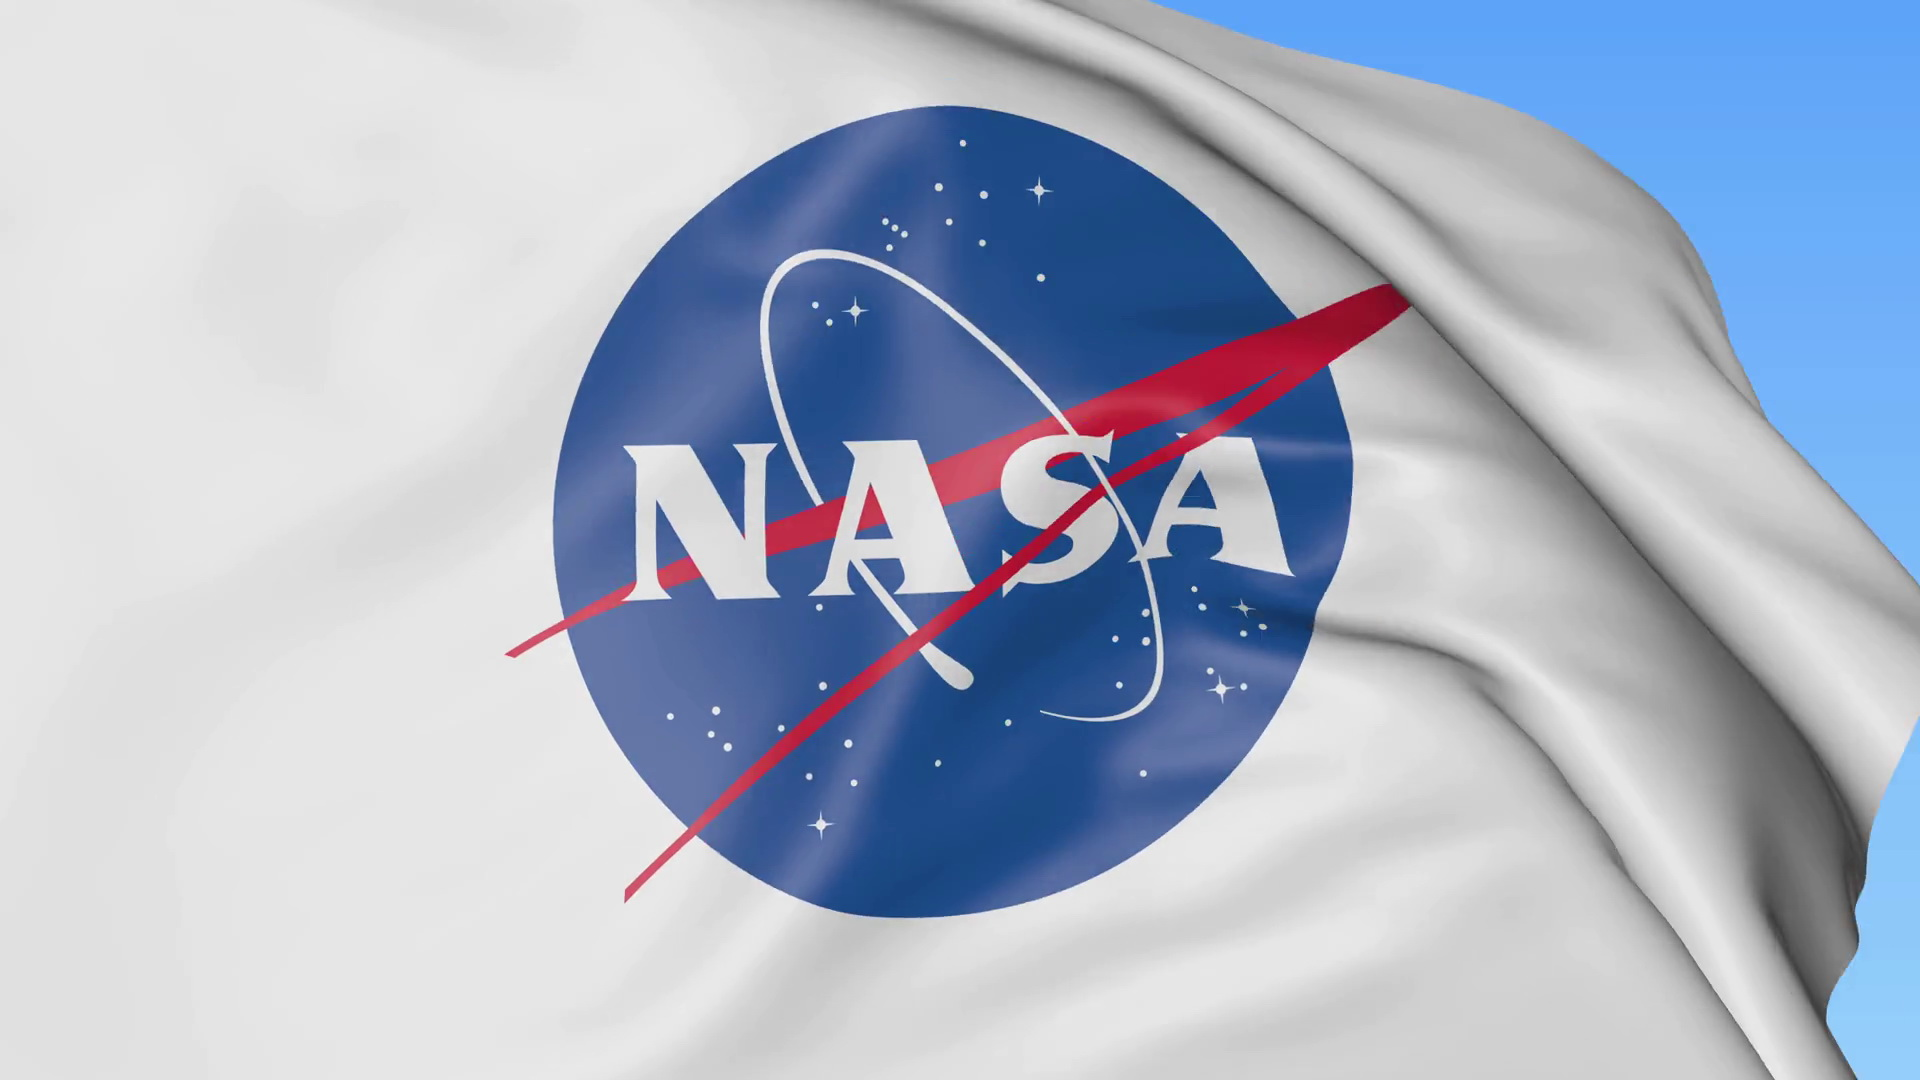 НАСА подверглось кибератаке и допустило утечку данных сотрудников